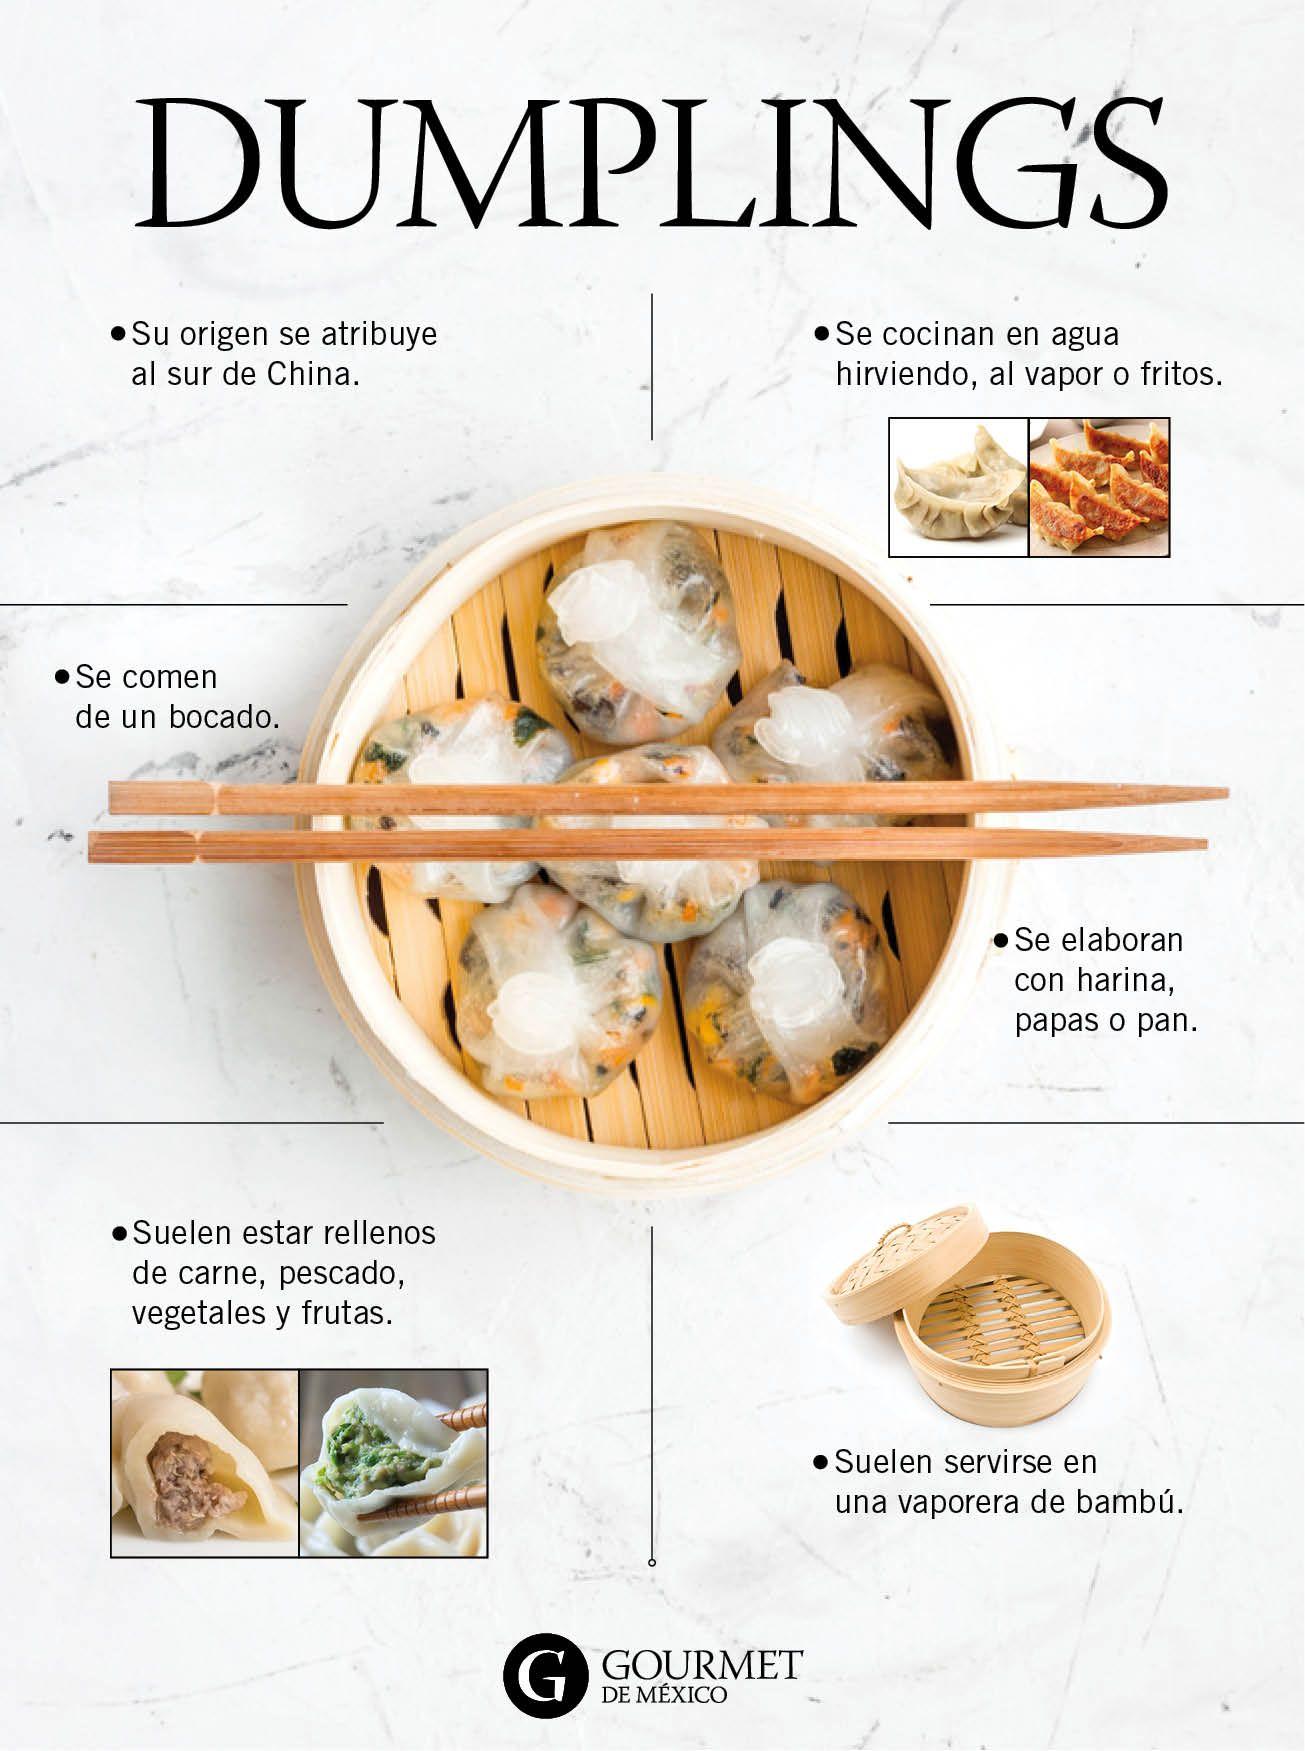 5 Lugares Para Comer Los Mejores Dumplings De La Ciudad Gourmet De México Vive El Placer De La Gastronomía Recetas De Comida Coreana Comida Japonesa Recetas Comida